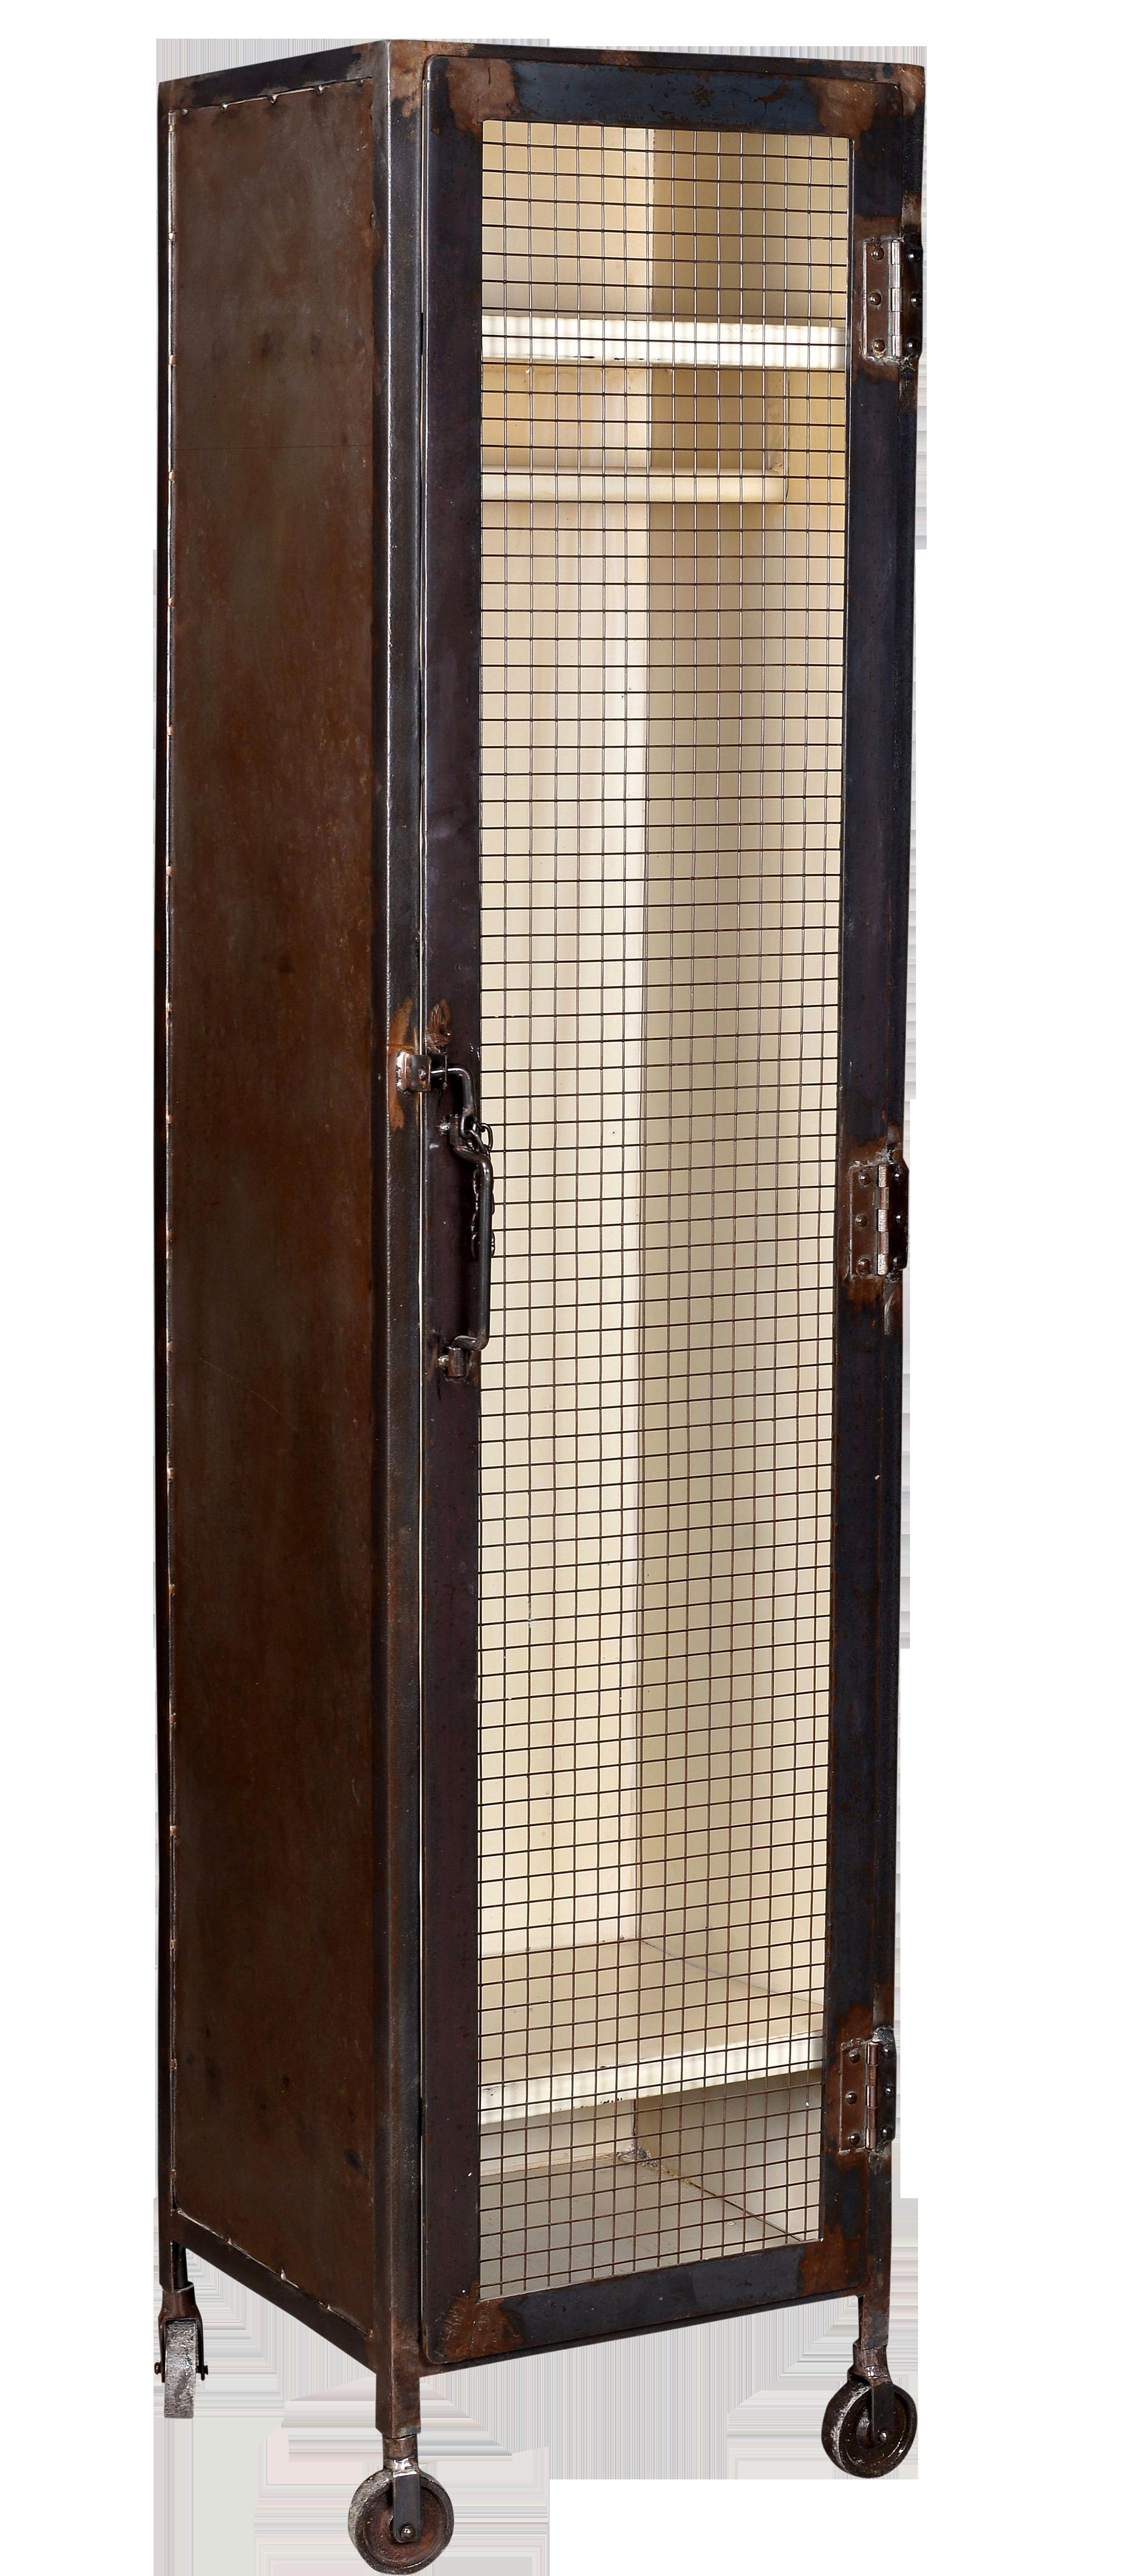 Comprar comprar armario transparente hierro industrial - Armarios de hierro ...